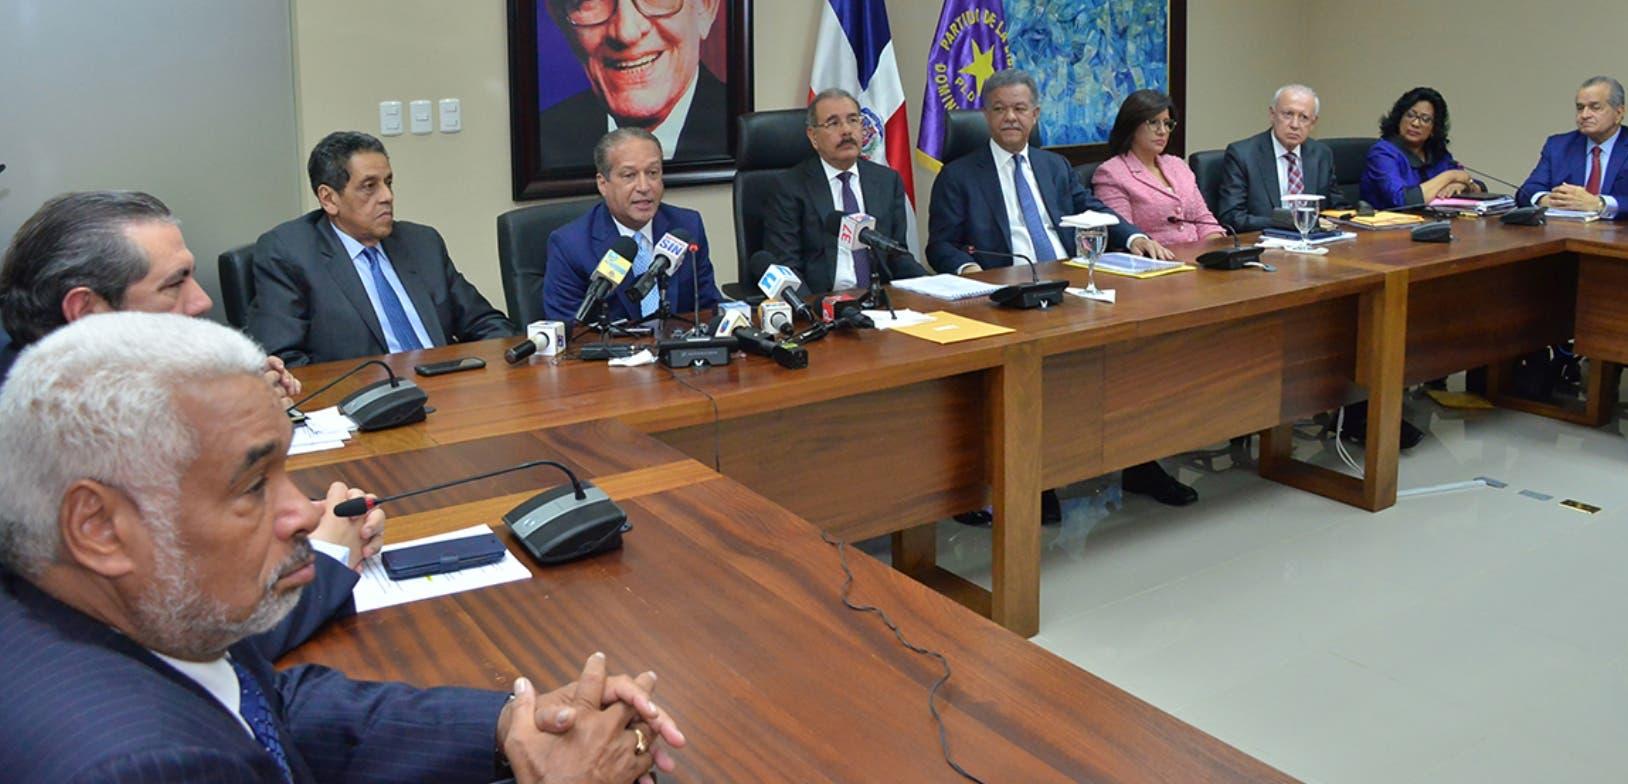 El Comité Político se reunió el pasado día seis de agosto, pero no ha establecido otra fecha para otro encuentro.  Archivo